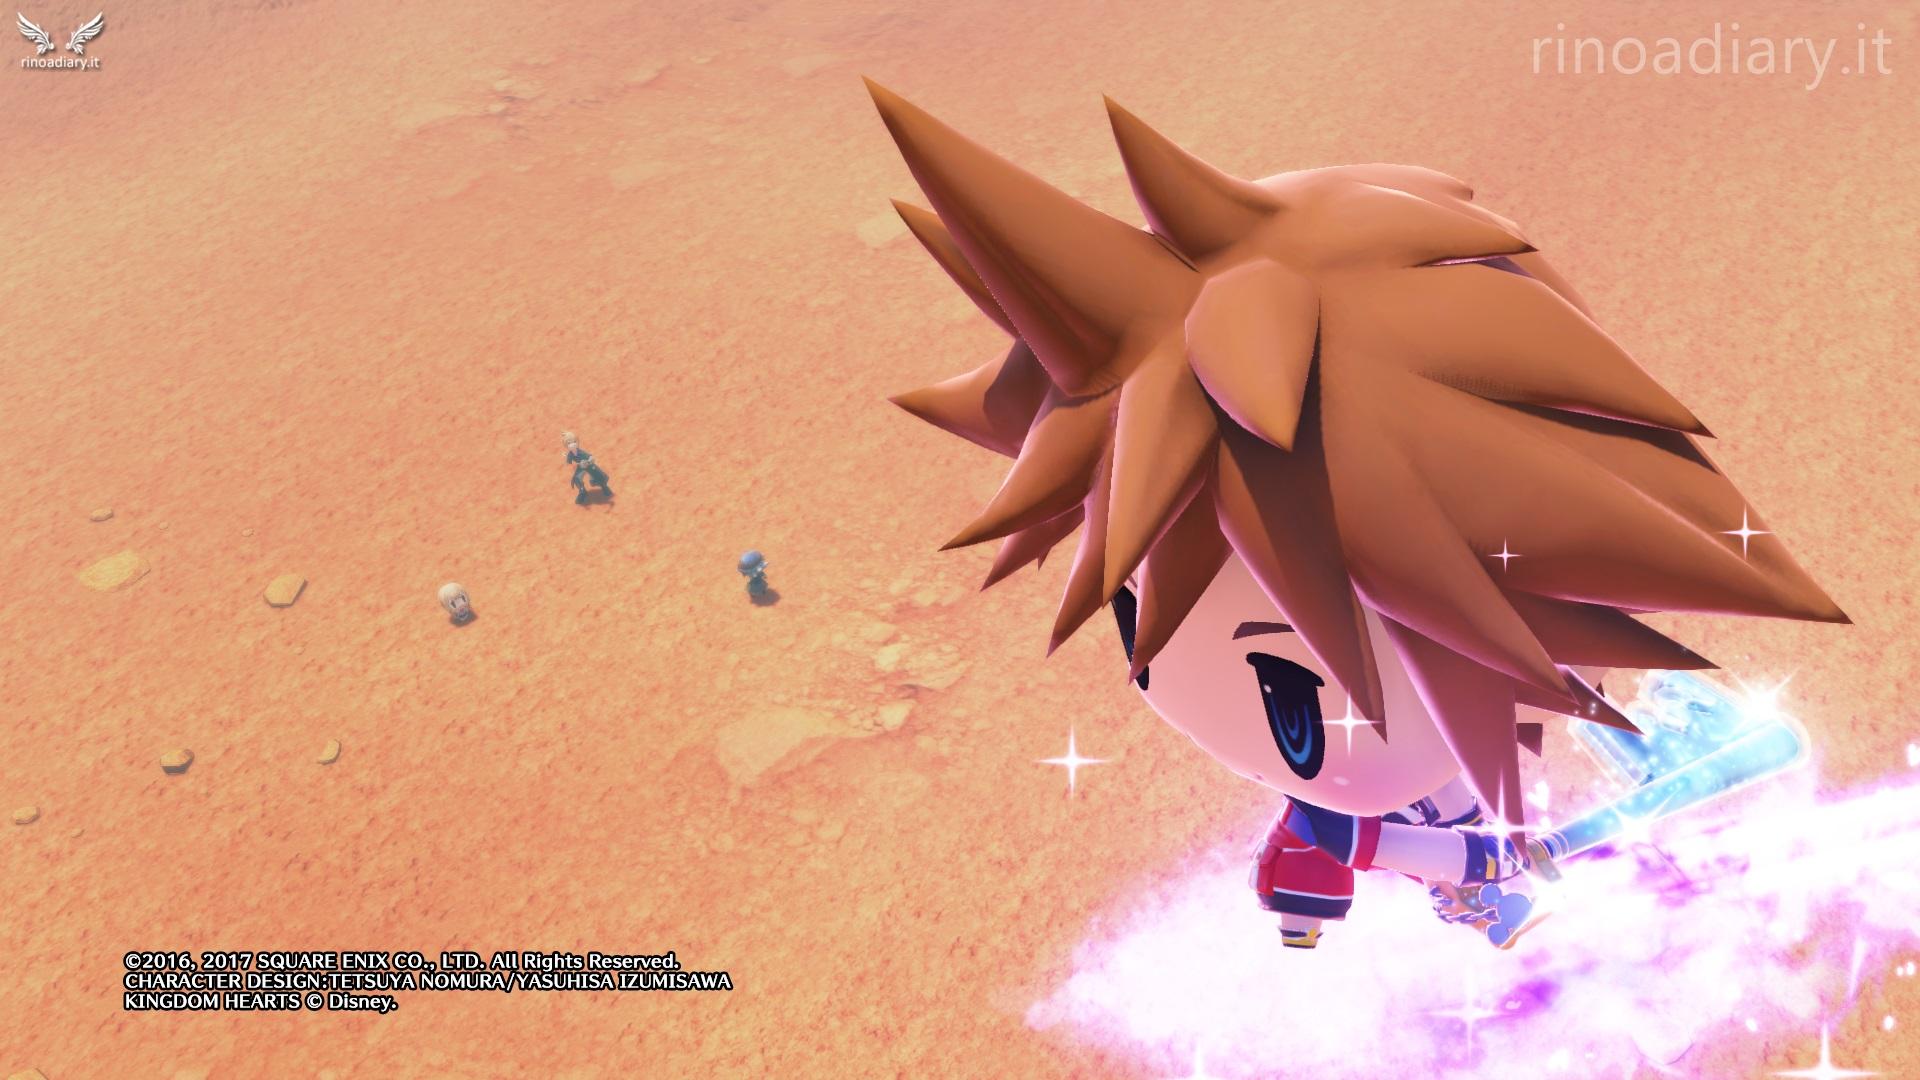 Ecco l'invocazione di Sora (Kingdom Hearts) in World of Final Fantasy!